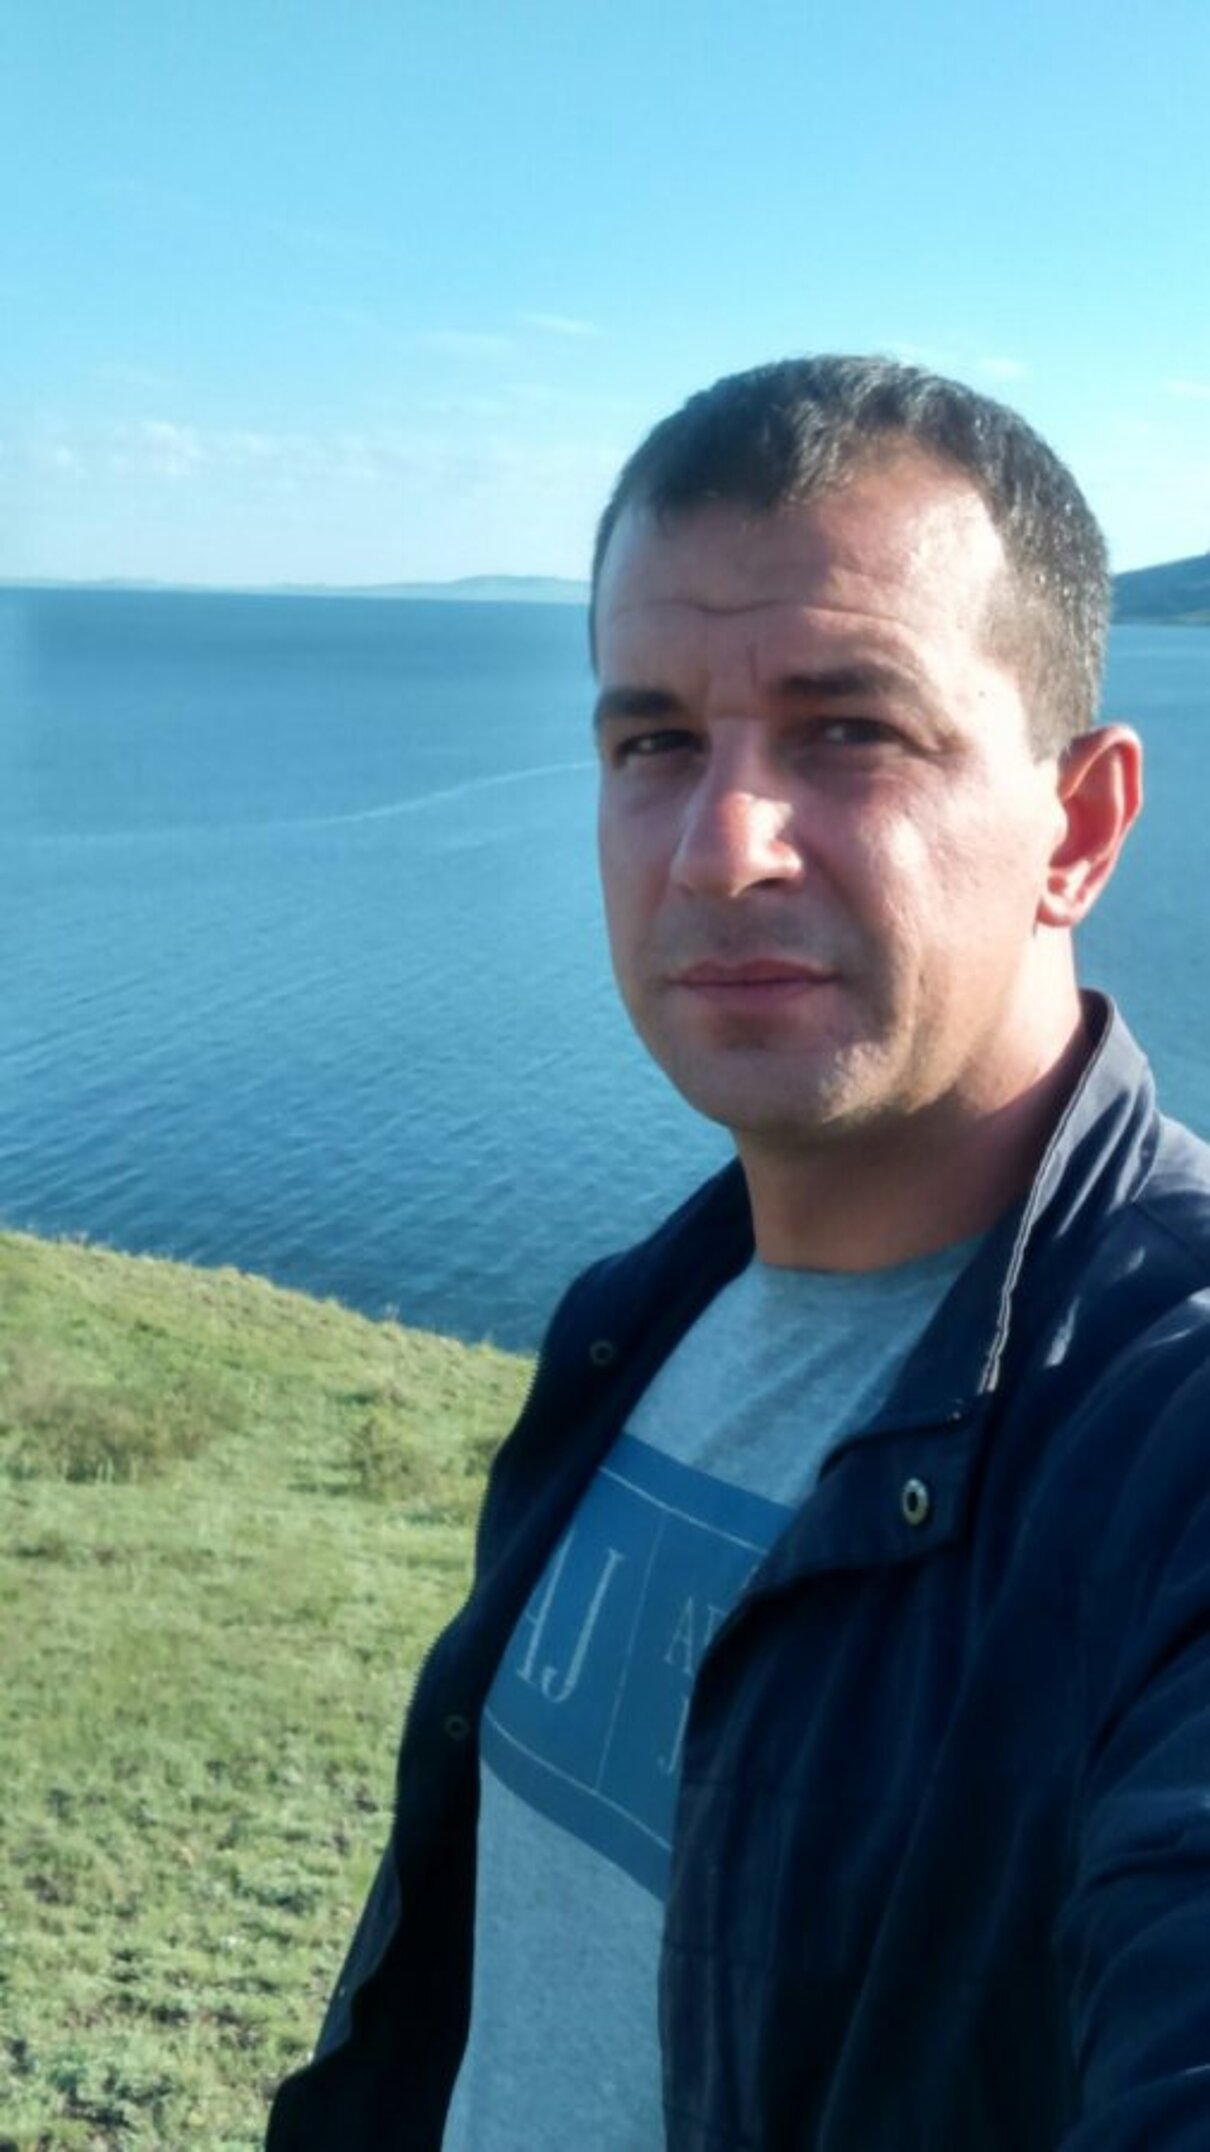 Жалоба-отзыв: Даймлер Максим Николаевич - Альфонс.  Фото №3